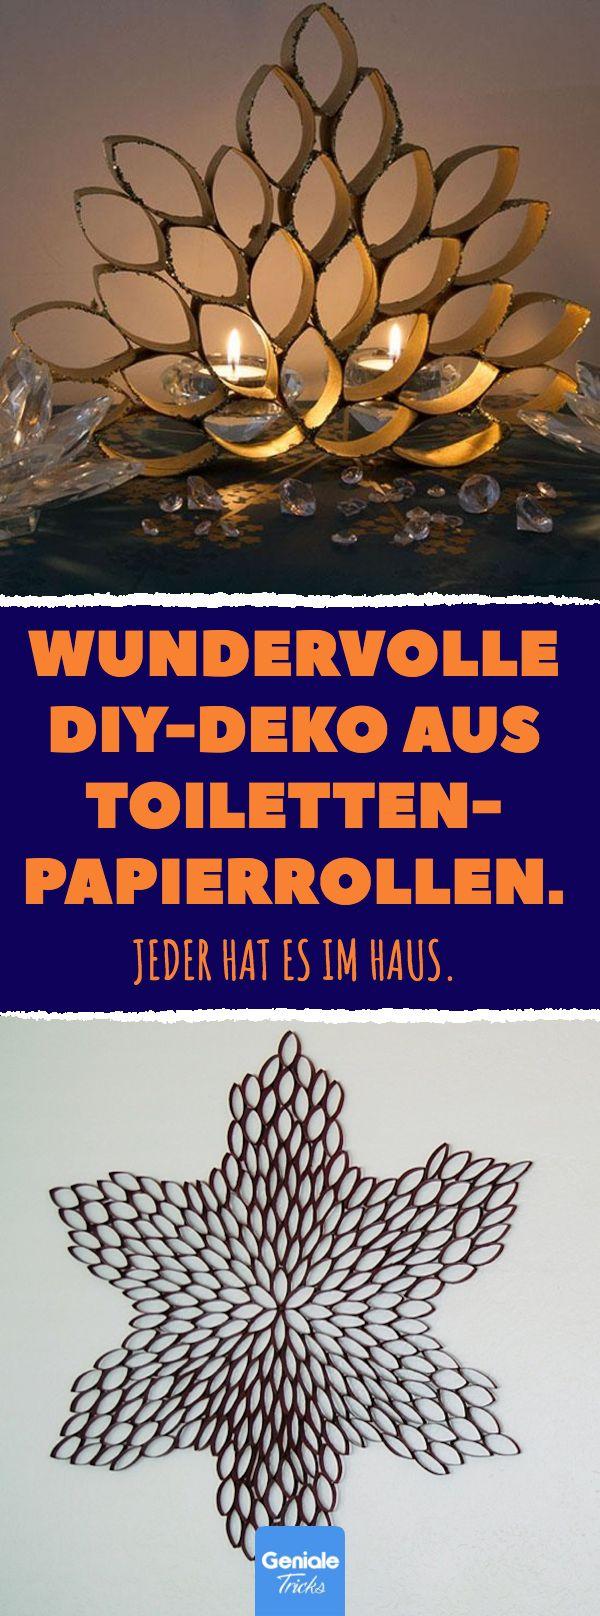 Schöne Wanddekoration aus Toilettenpapierrollen. #upcycling #diy #klopapier #toilettenpapie …